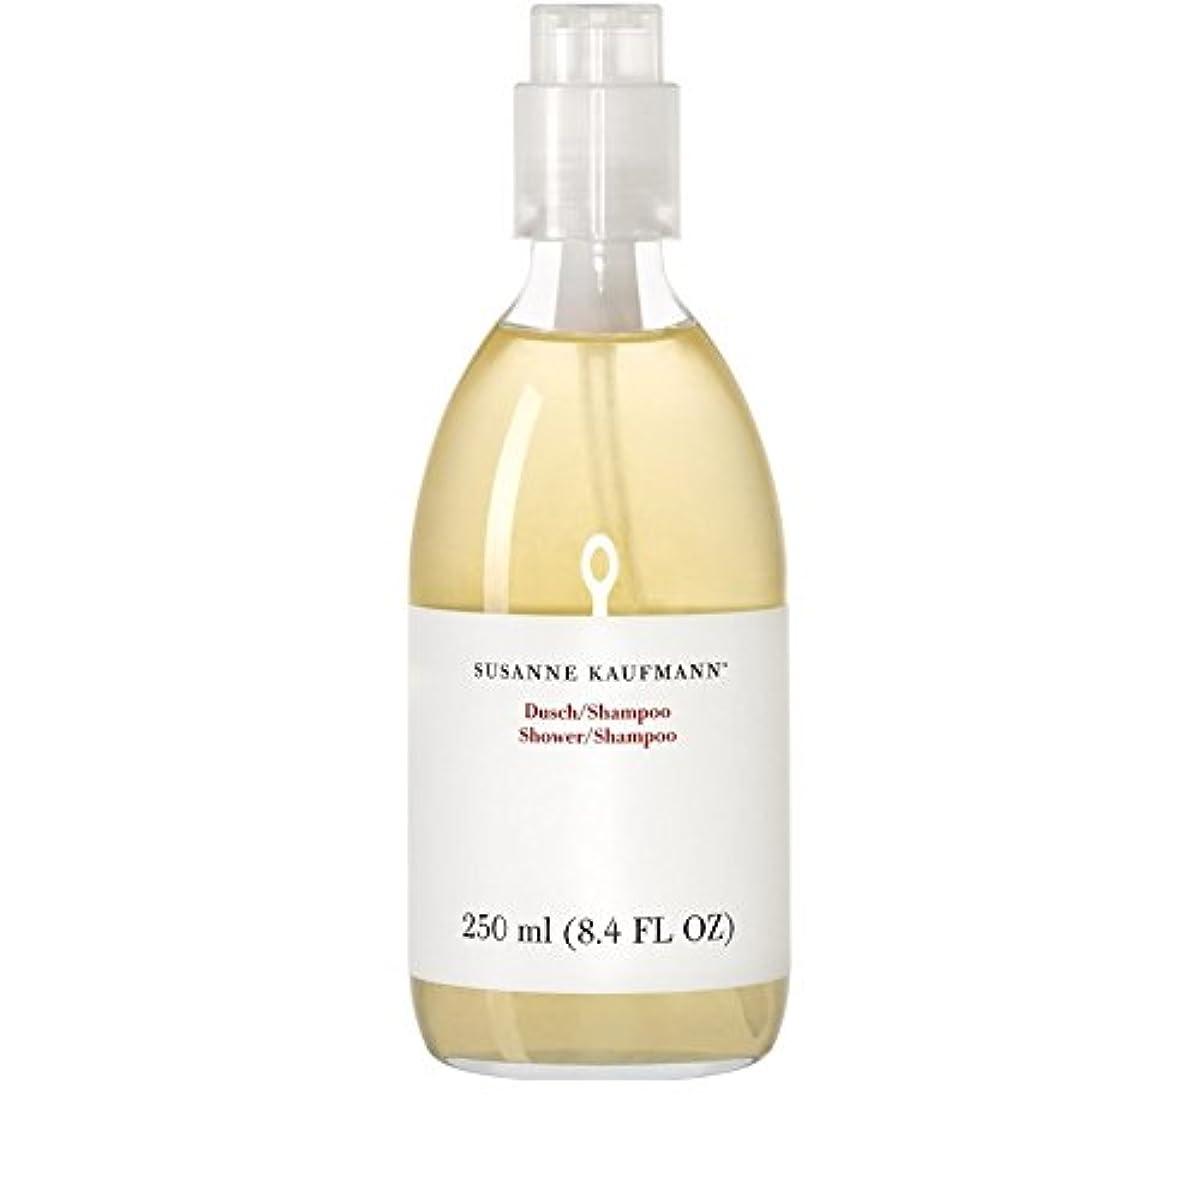 動かない時々時々休戦スザンヌカウフマンシャワー/シャンプー250 x2 - Susanne Kaufmann Shower/Shampoo 250ml (Pack of 2) [並行輸入品]